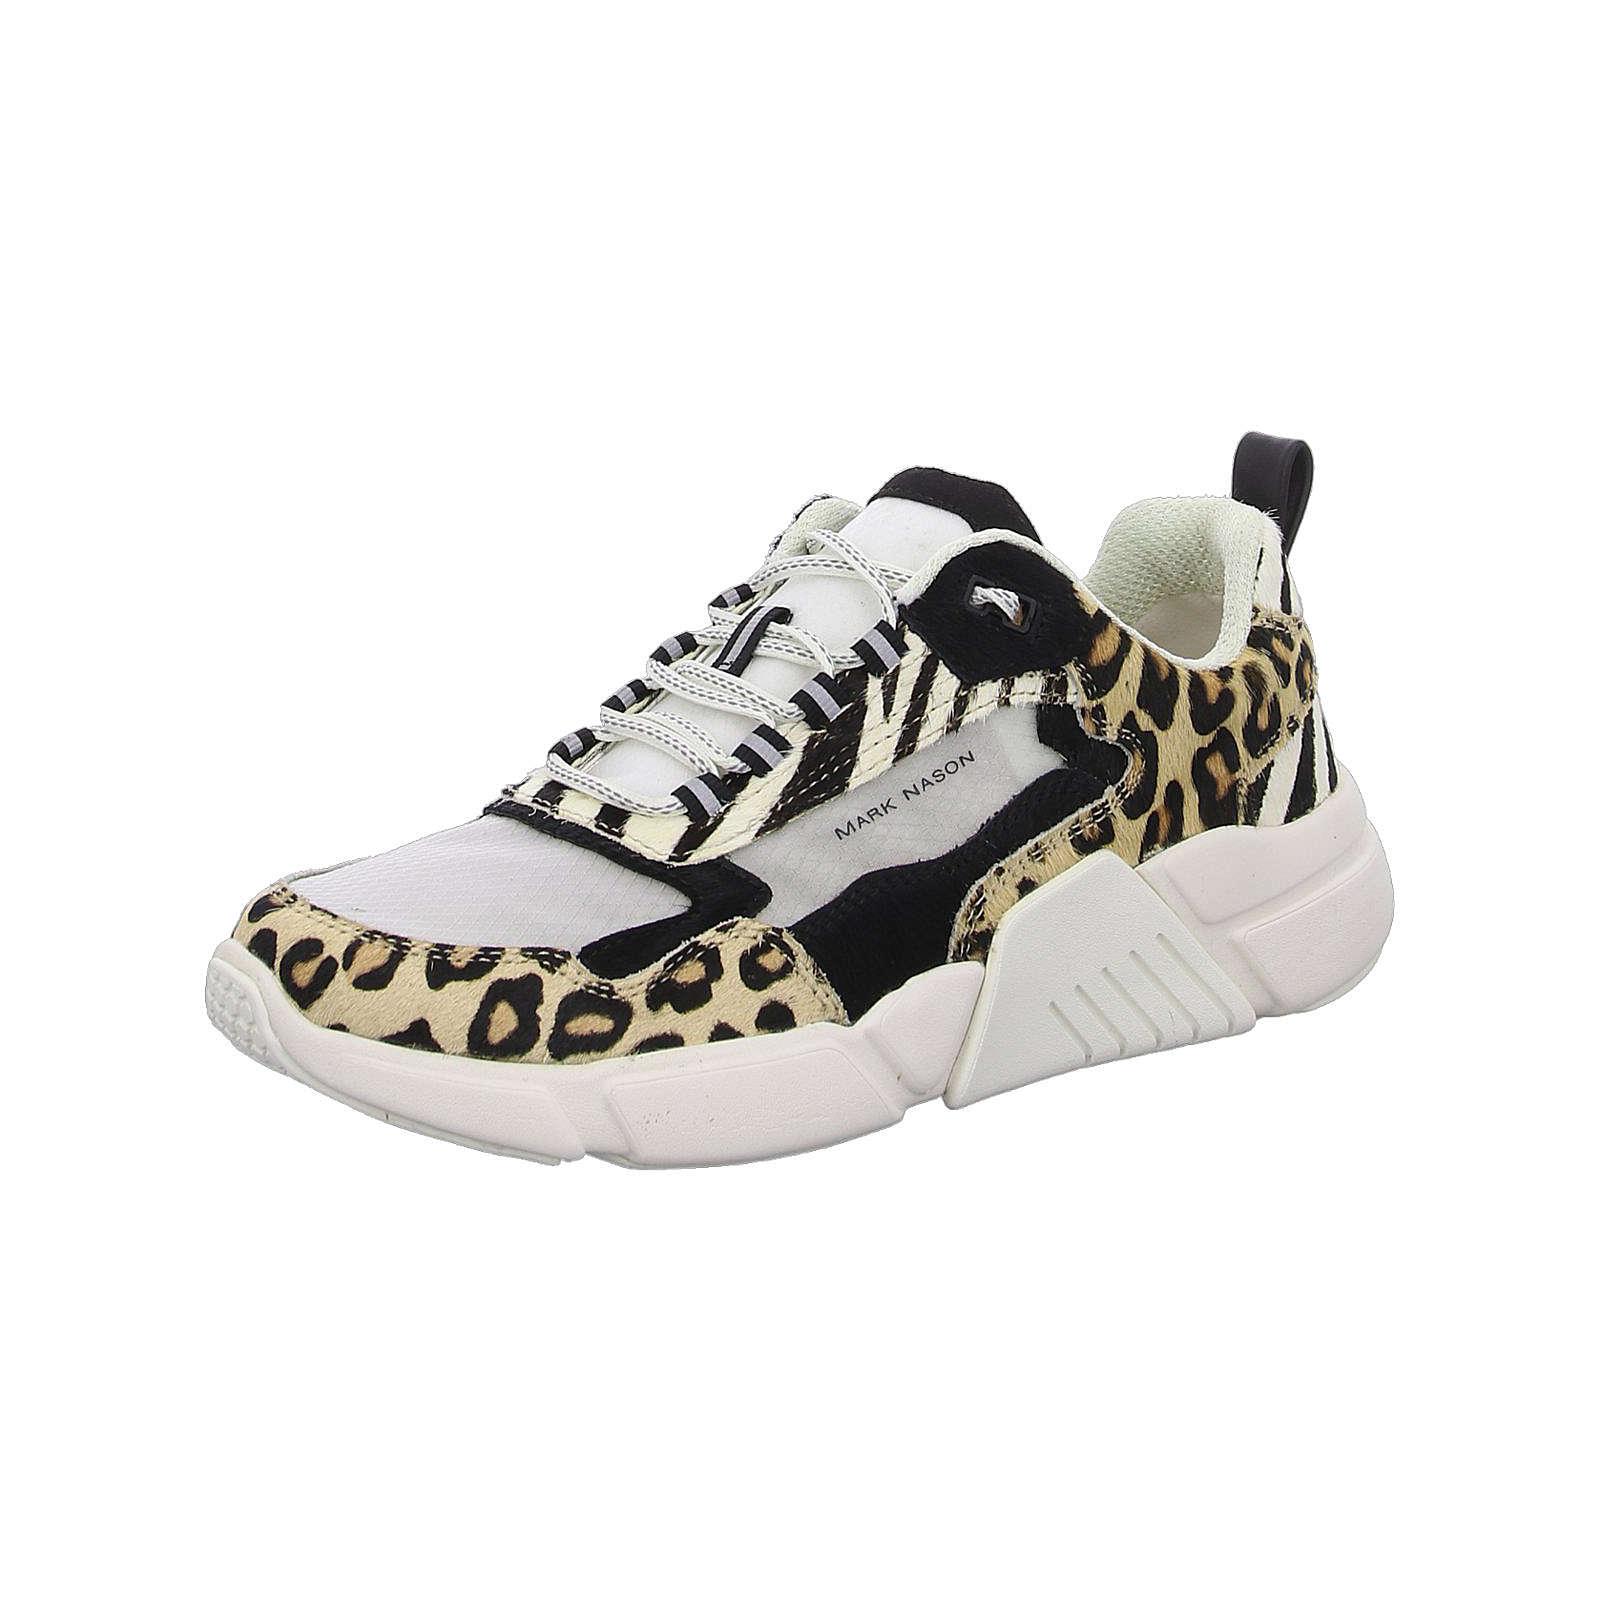 Skechers Sneaker Sneakers Low Beige Damen Gr. 38